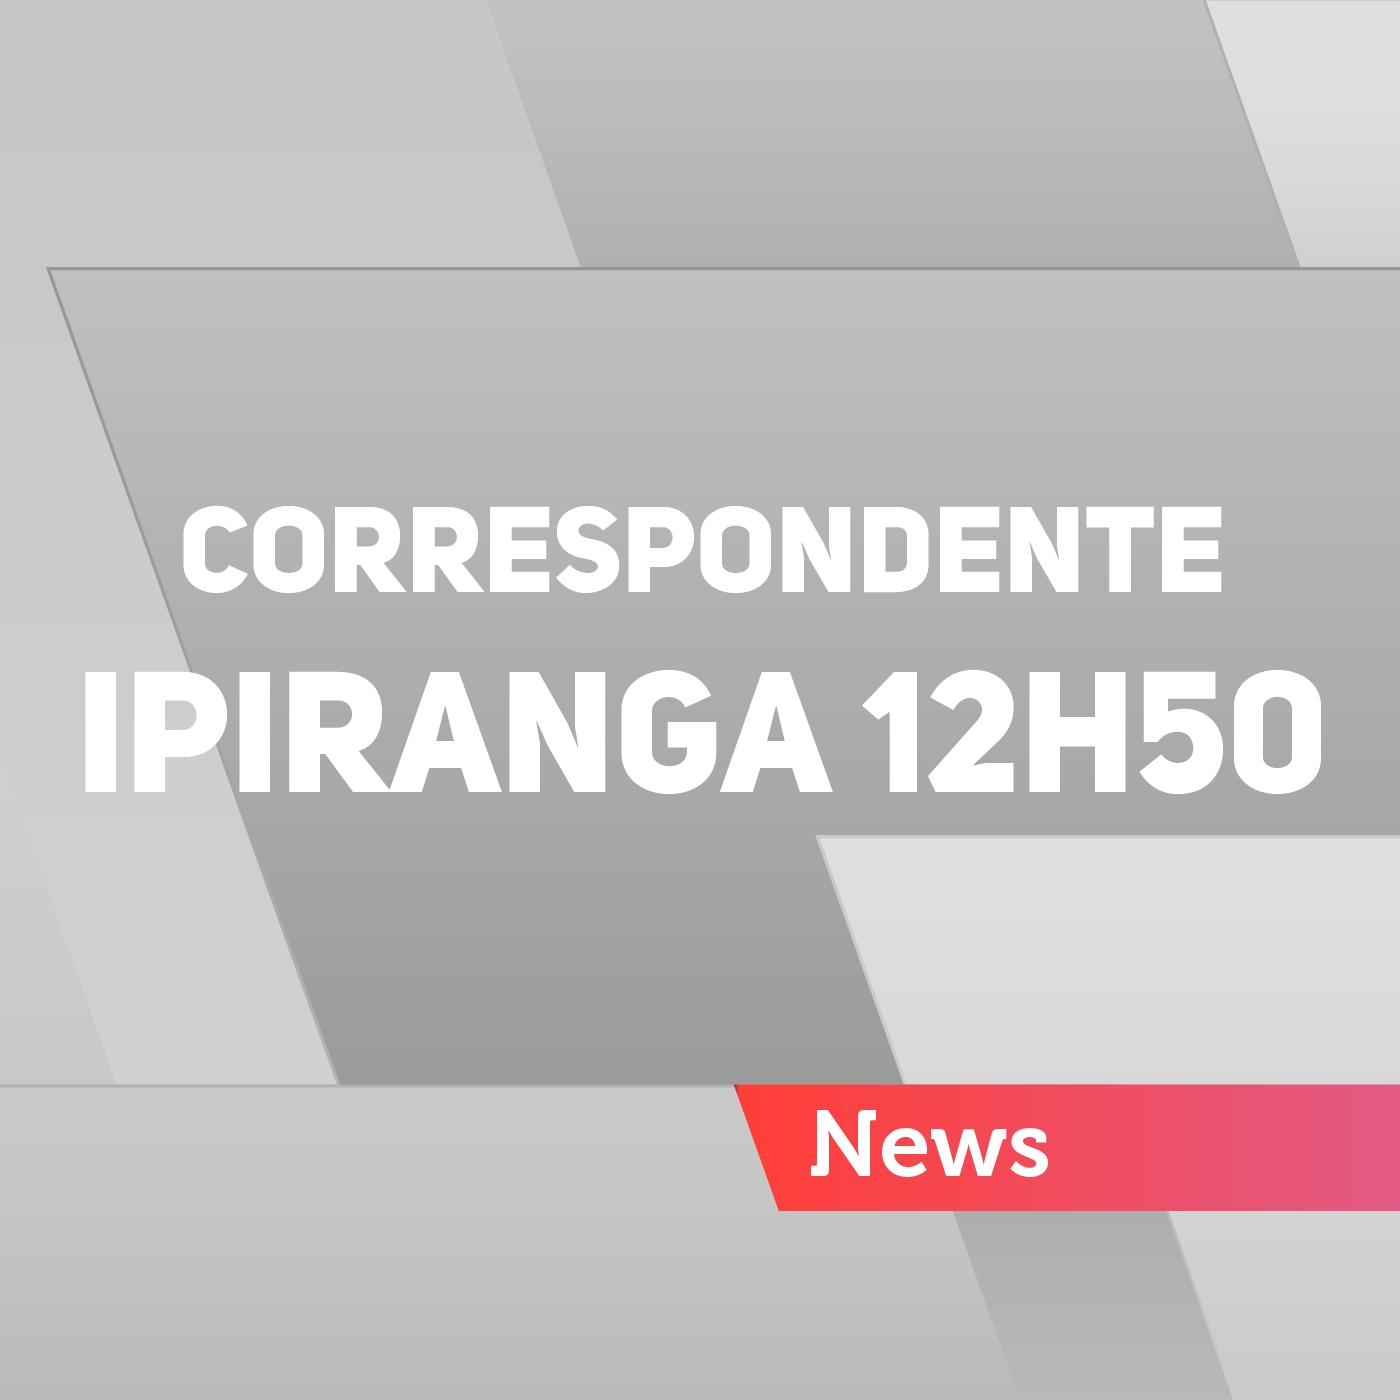 Correspondente Ipiranga 12h50 – 22/07/2017